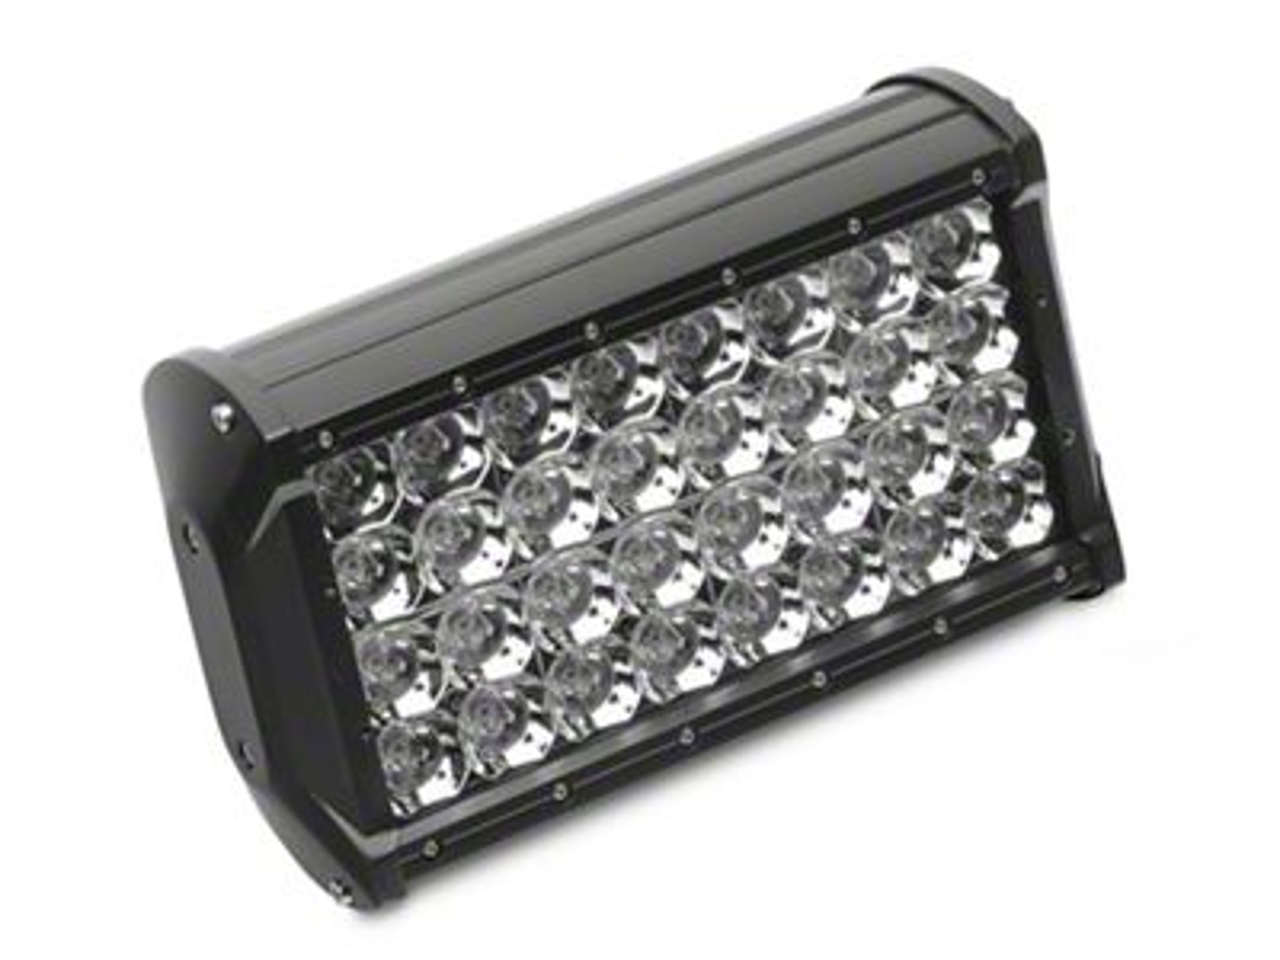 Alteon 10 in. 6 Series LED Light Bar - 8 Degree Spot Beam